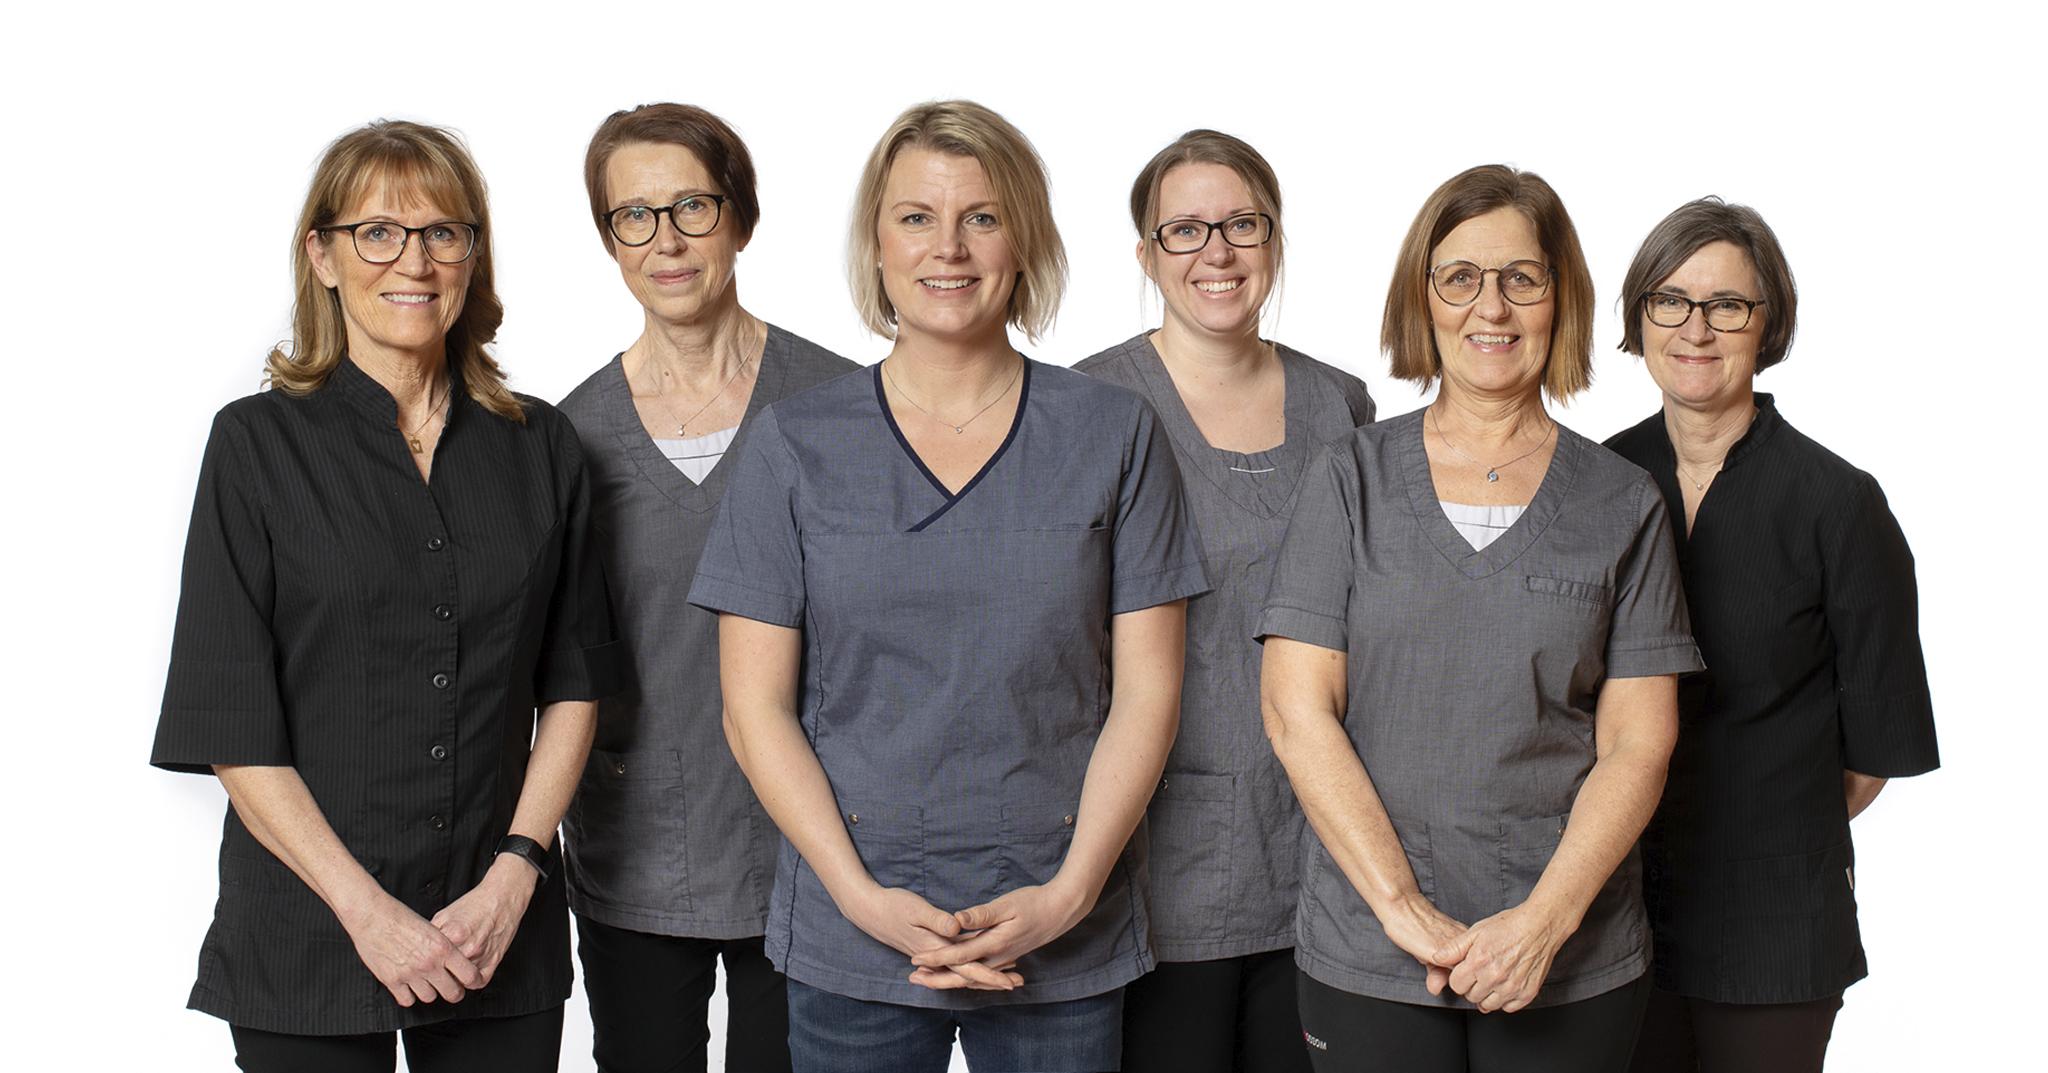 Tandsköterskorna Gunilla, Christin, Johanna, Sofie, Marie och Annika